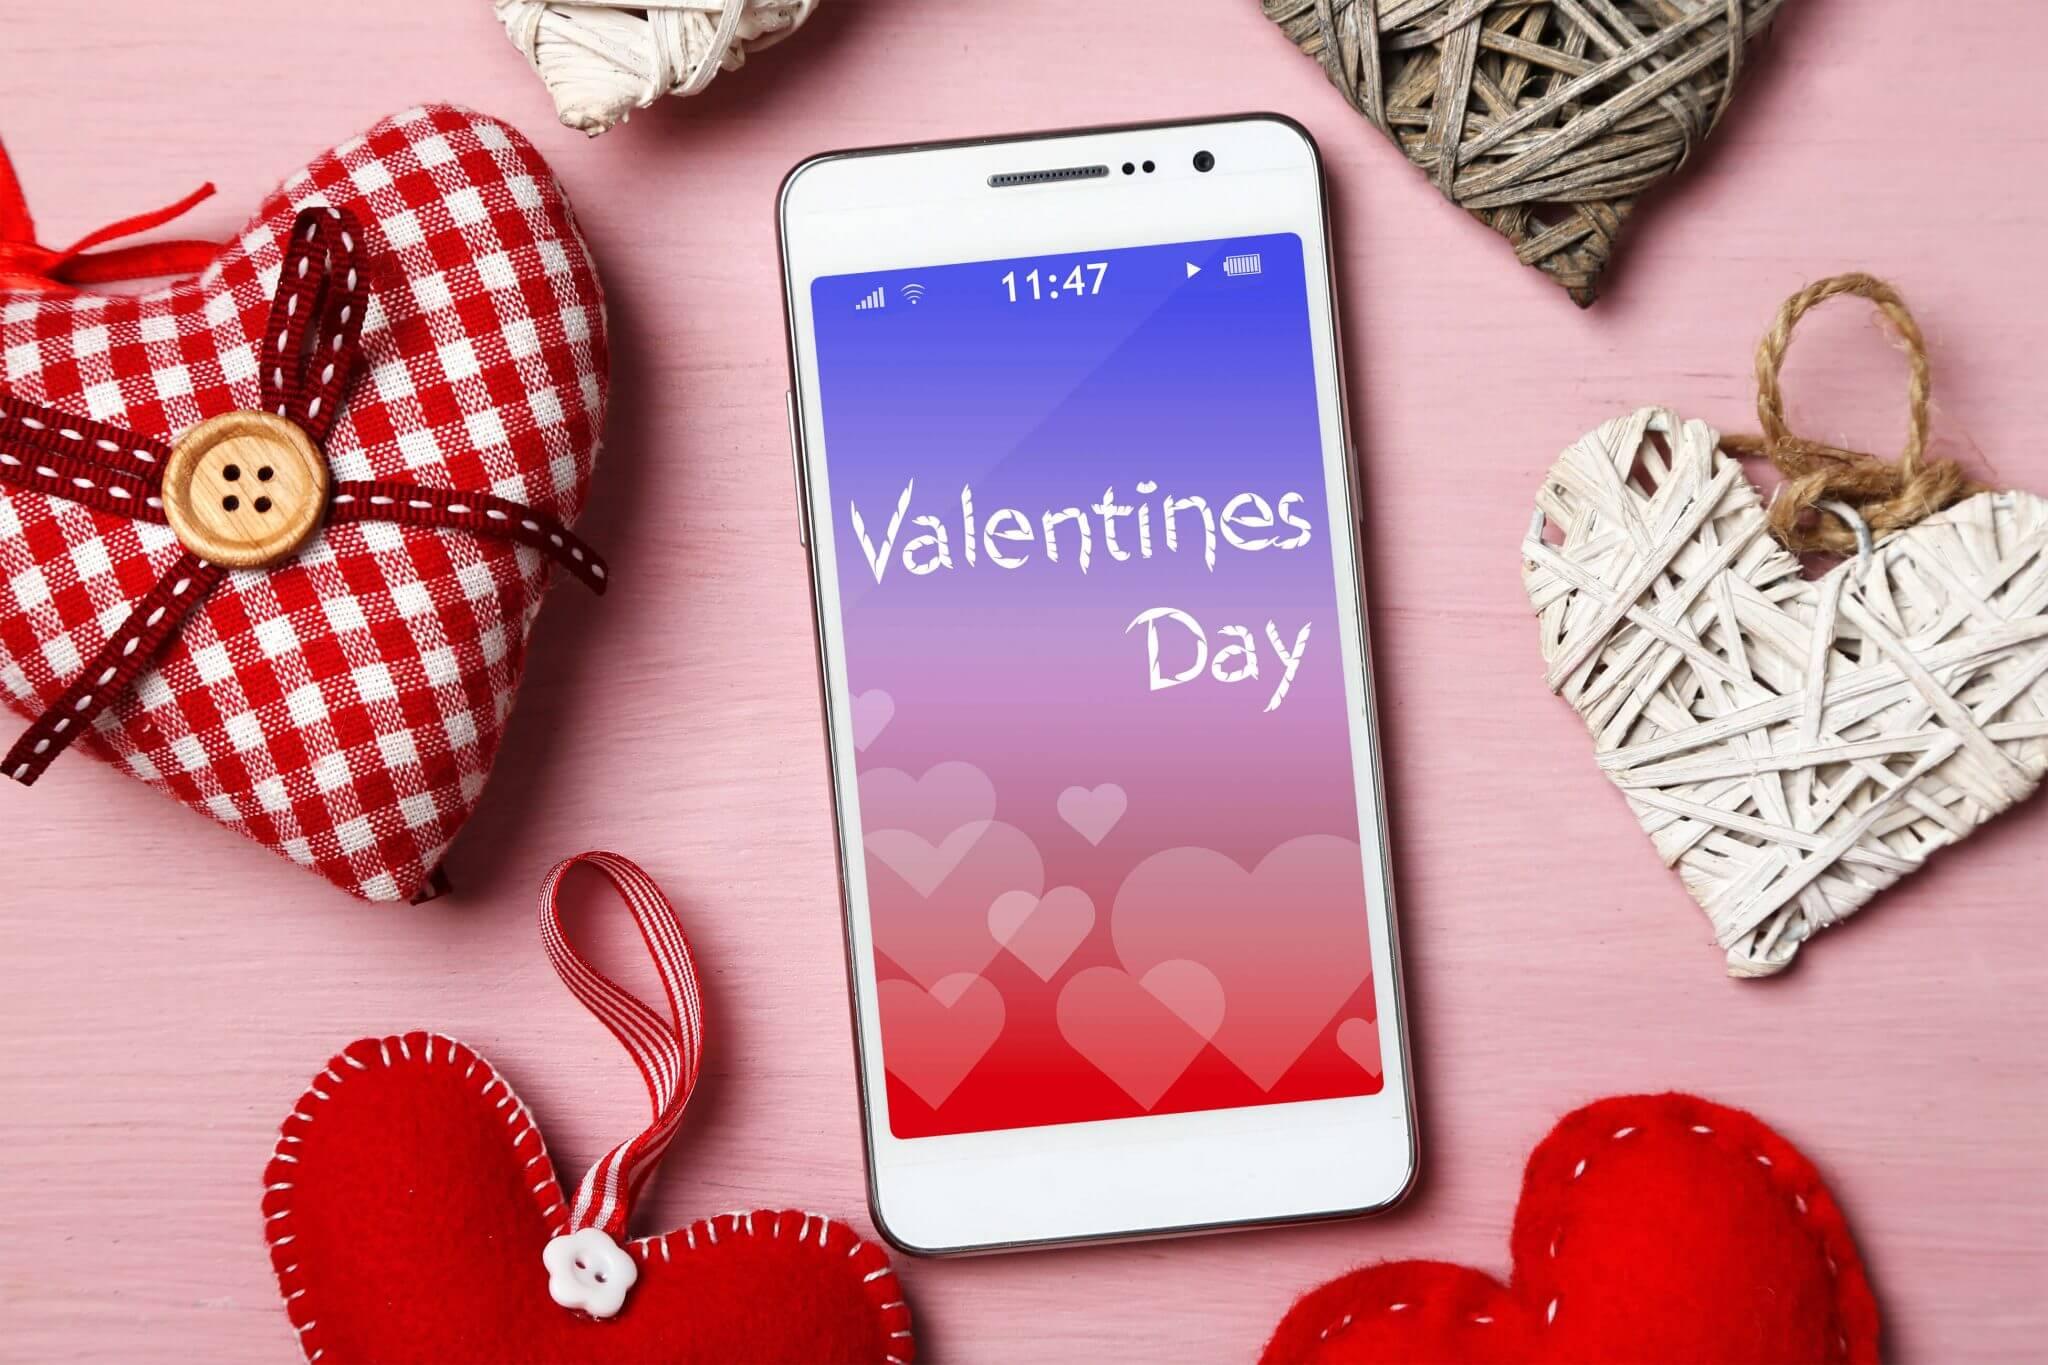 smt diadosnamorados capa - Dia dos Namorados: presentes geeks de acordo com o seu bolso